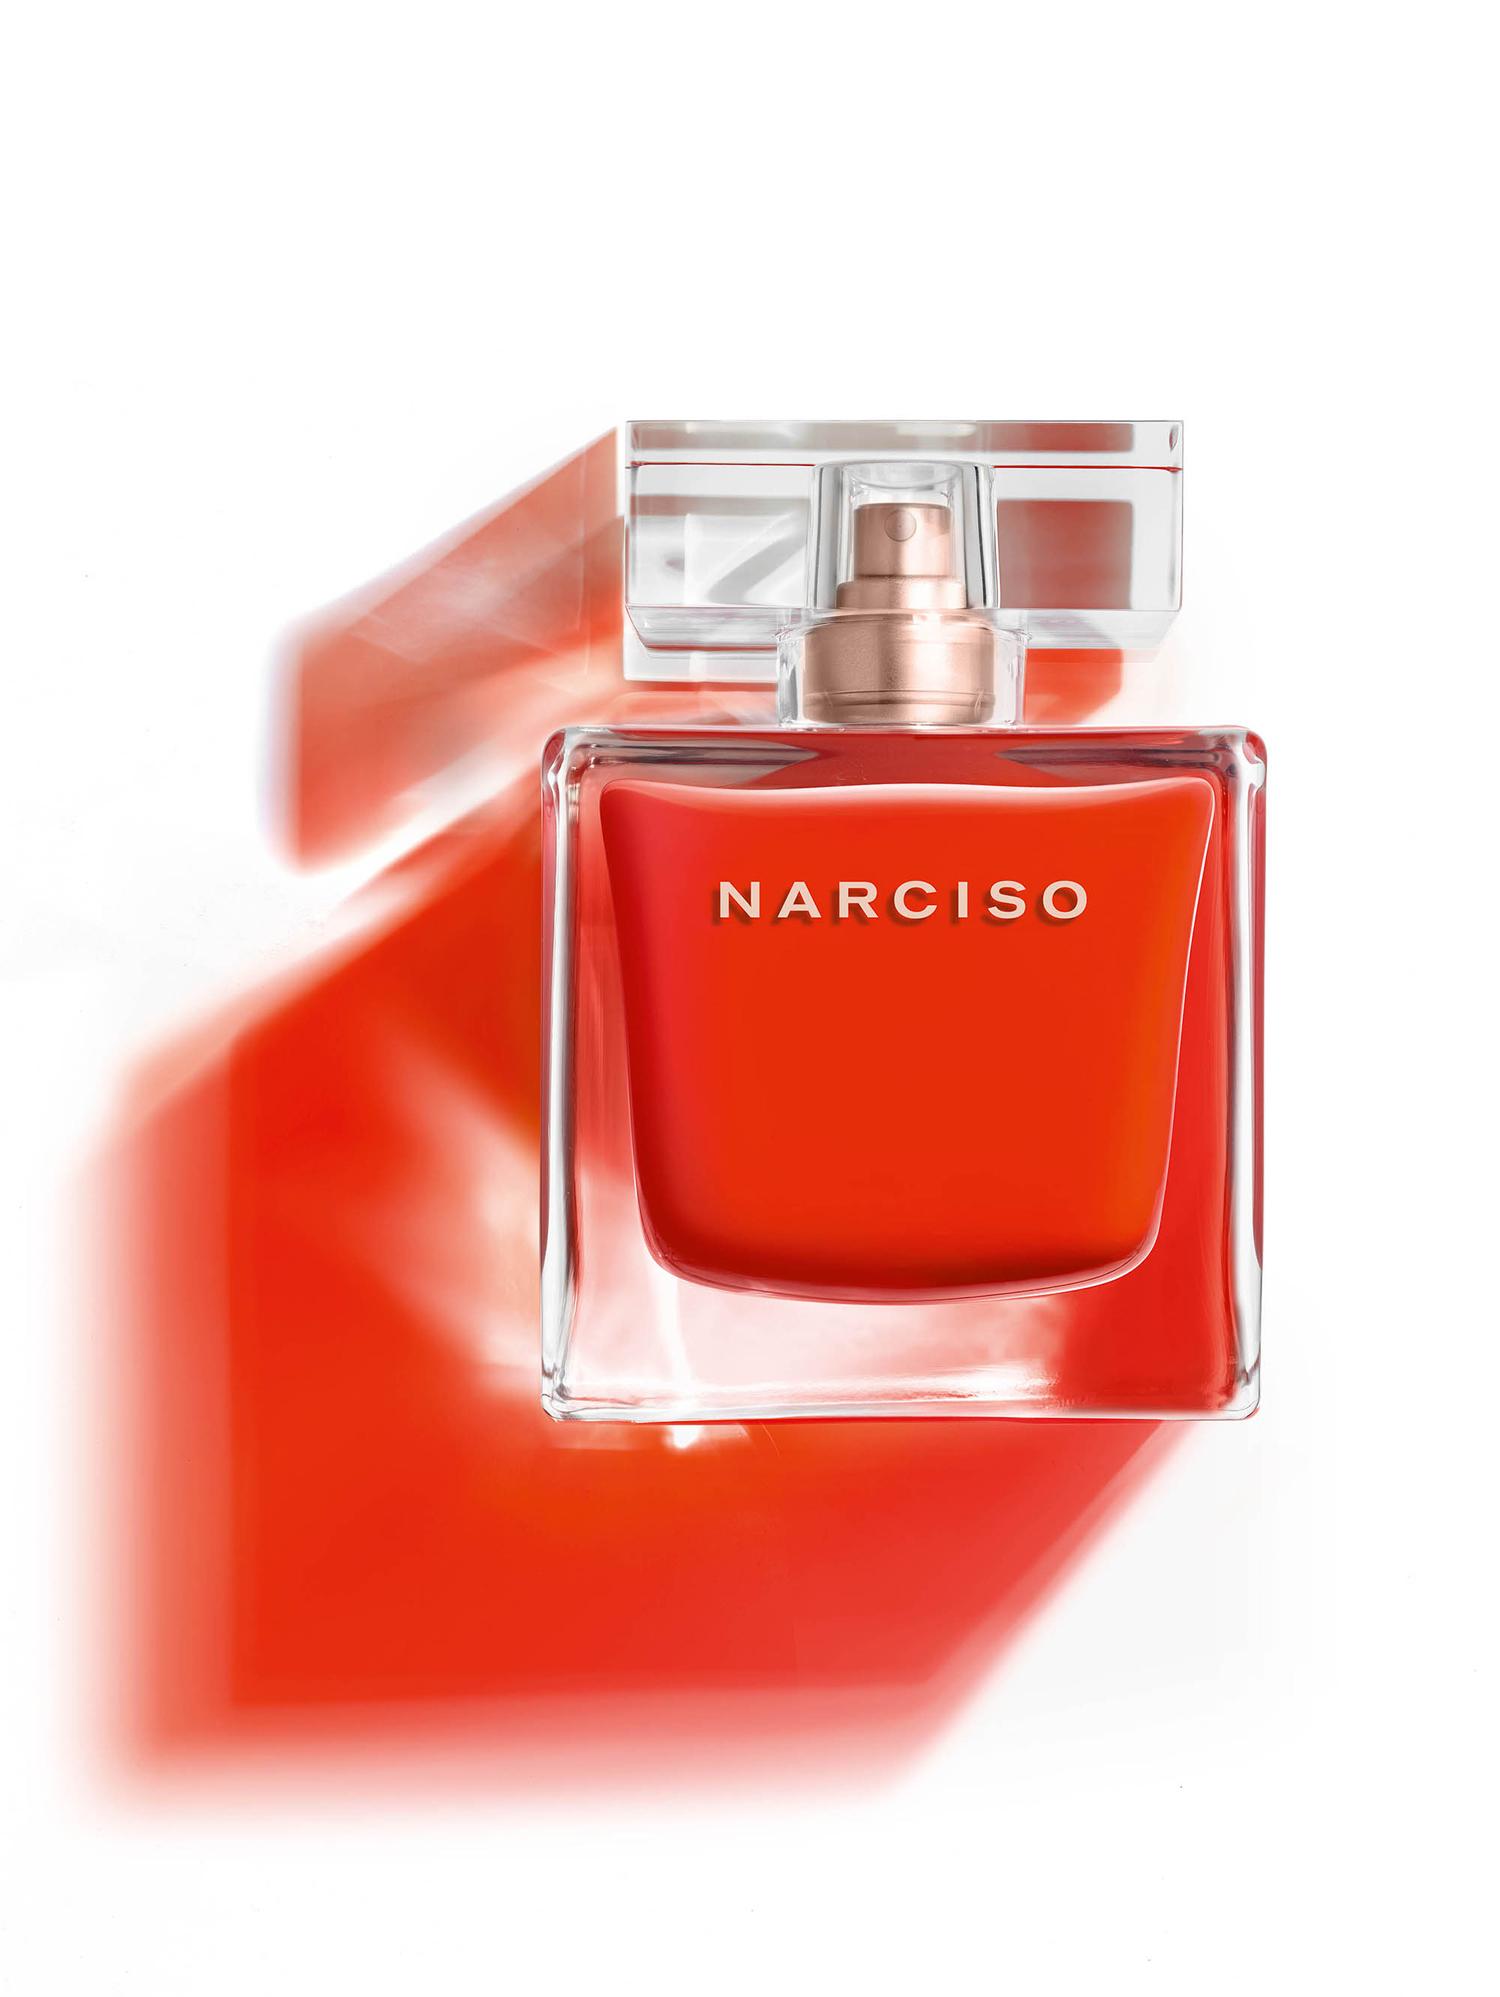 Eau Nouveau Rodriguez De Un Narciso Rouge Ztklpxuowi Parfum Toilette 8nOvmN0w